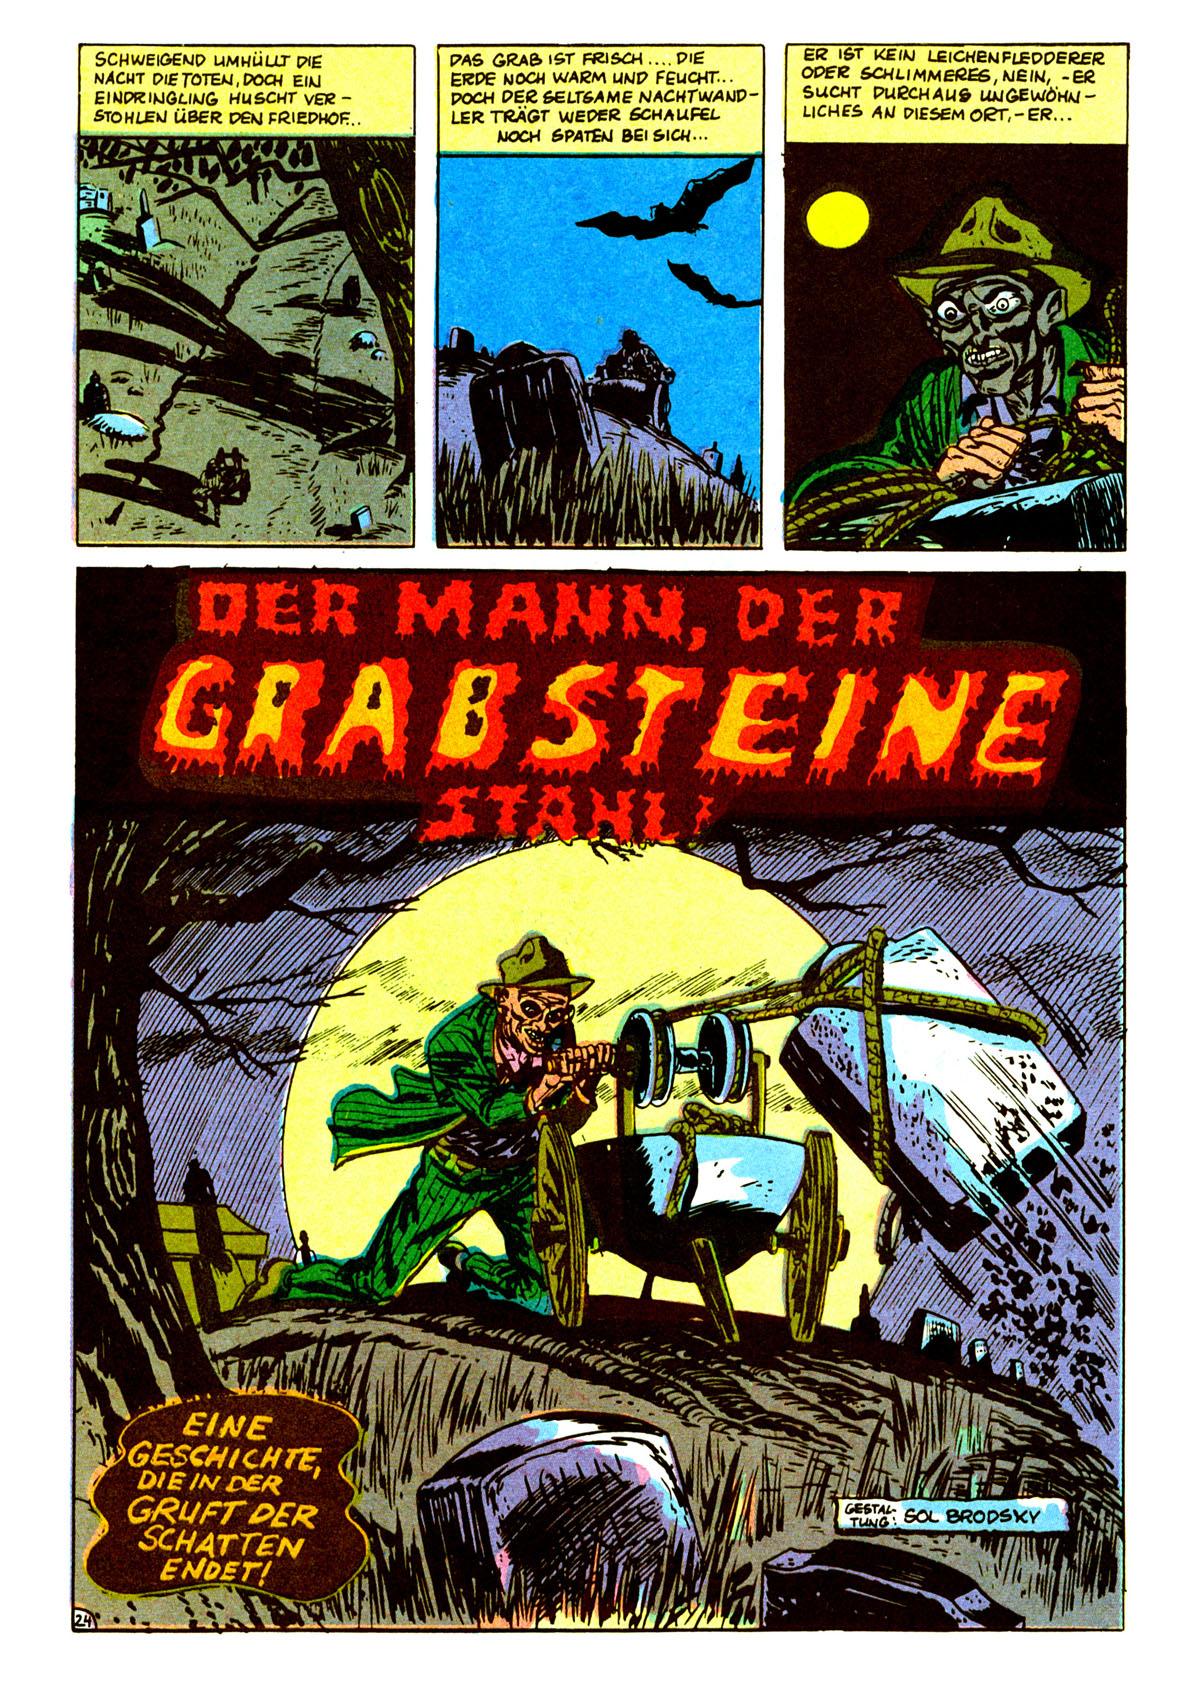 Grabsteine1